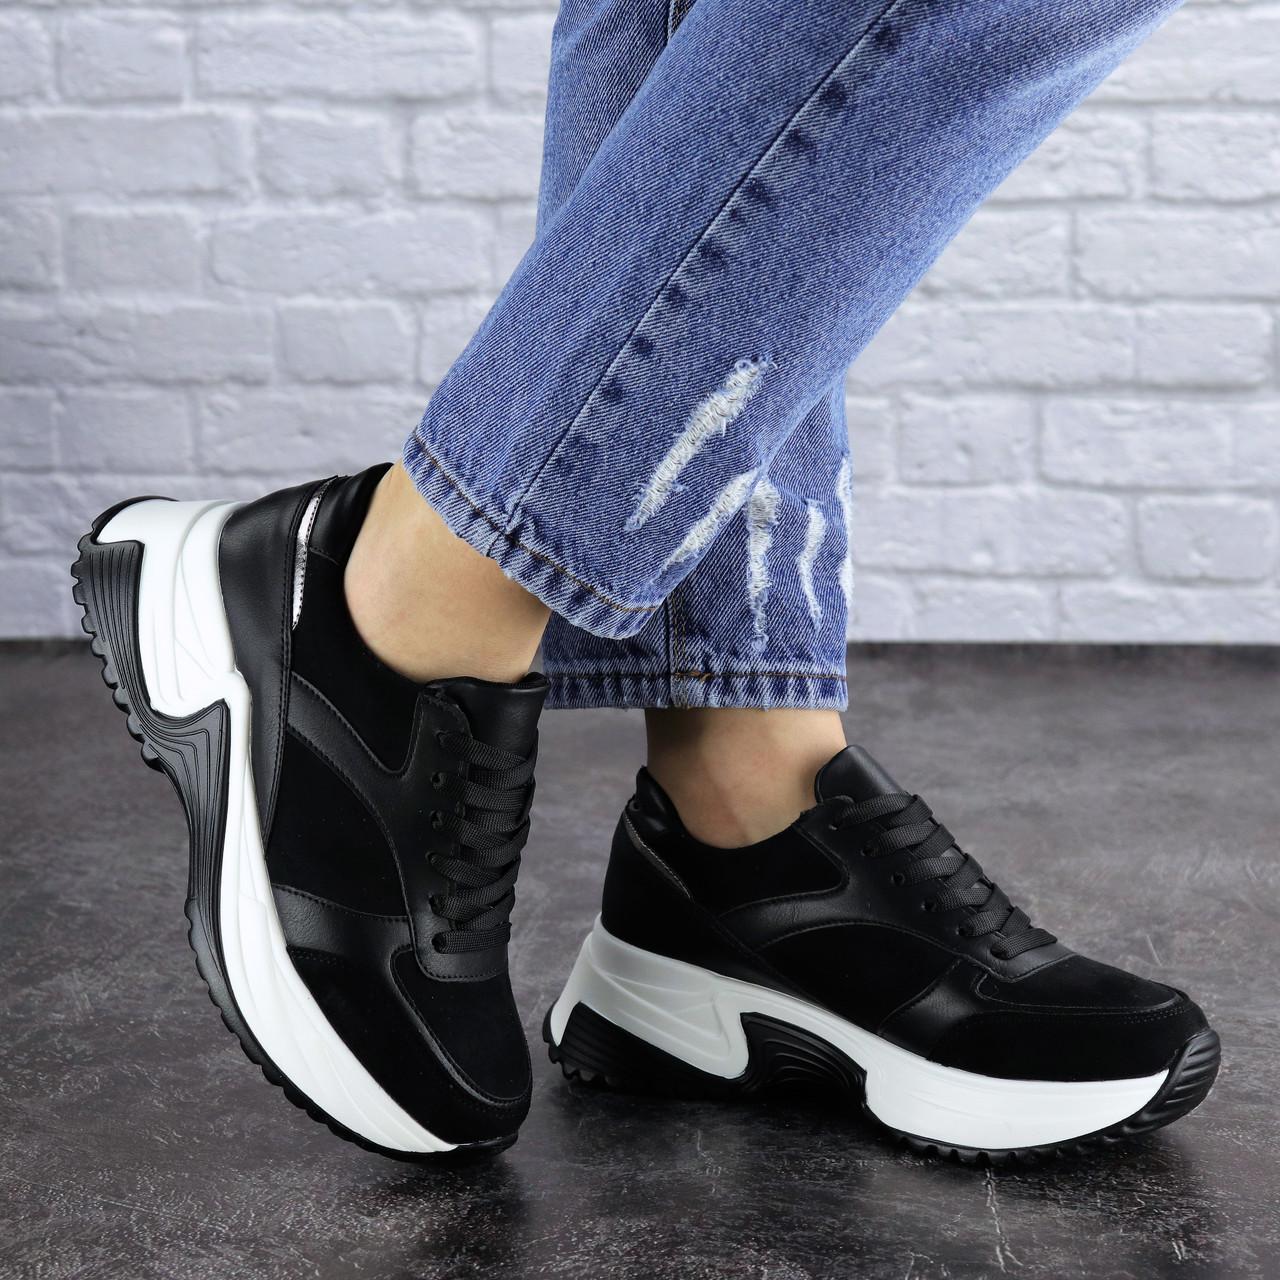 Жіночі кросівки Fashion Zachary 1378 36 розмір 23 см Чорний